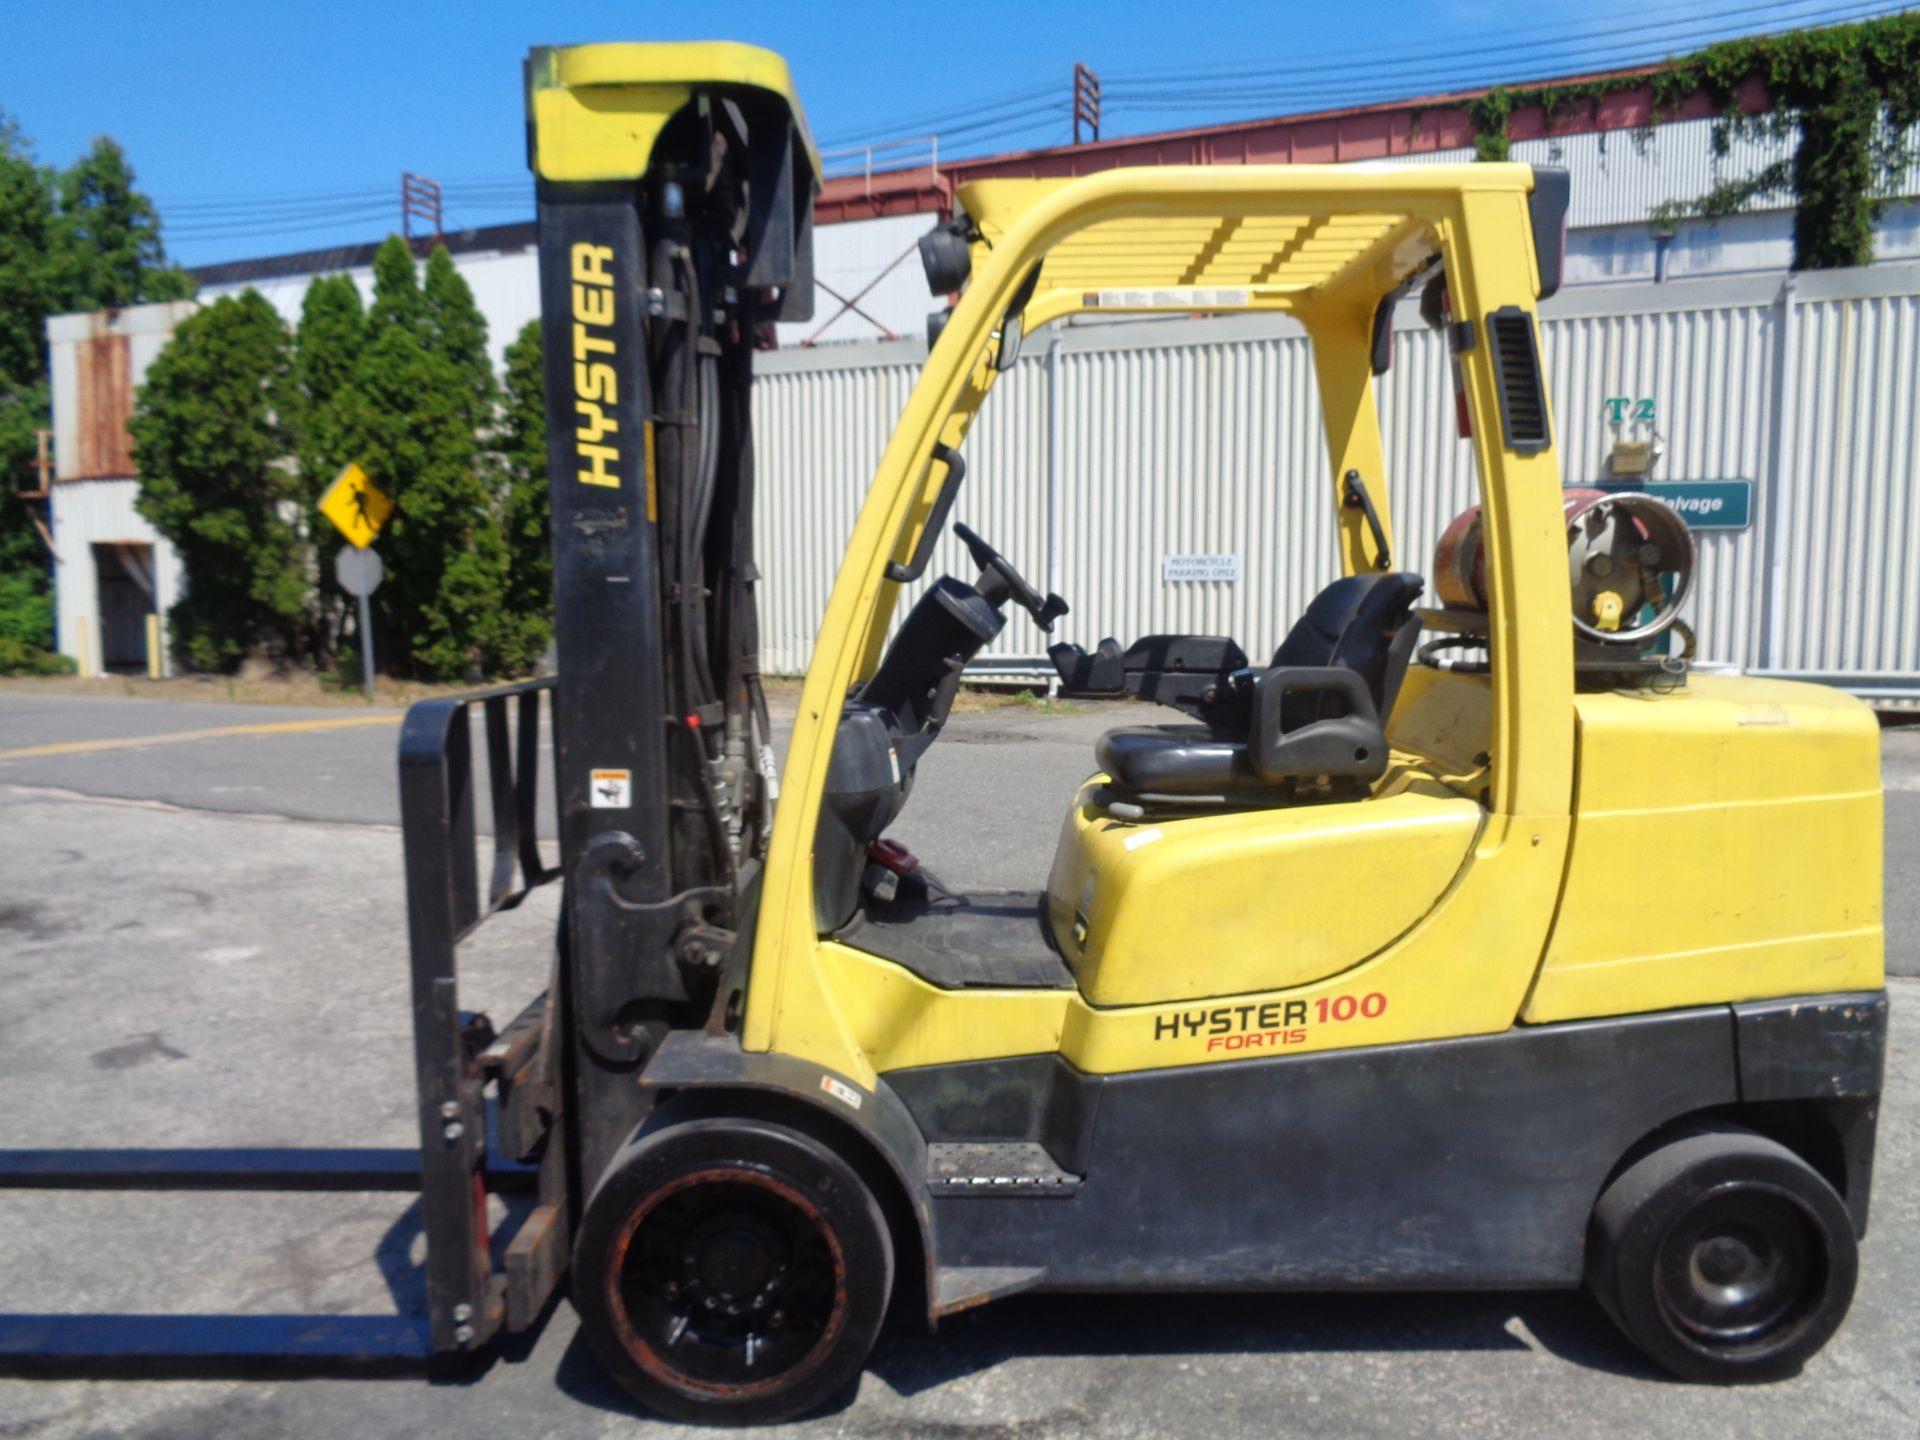 Hyster S100FT 10,000lb Forklift - Image 3 of 19